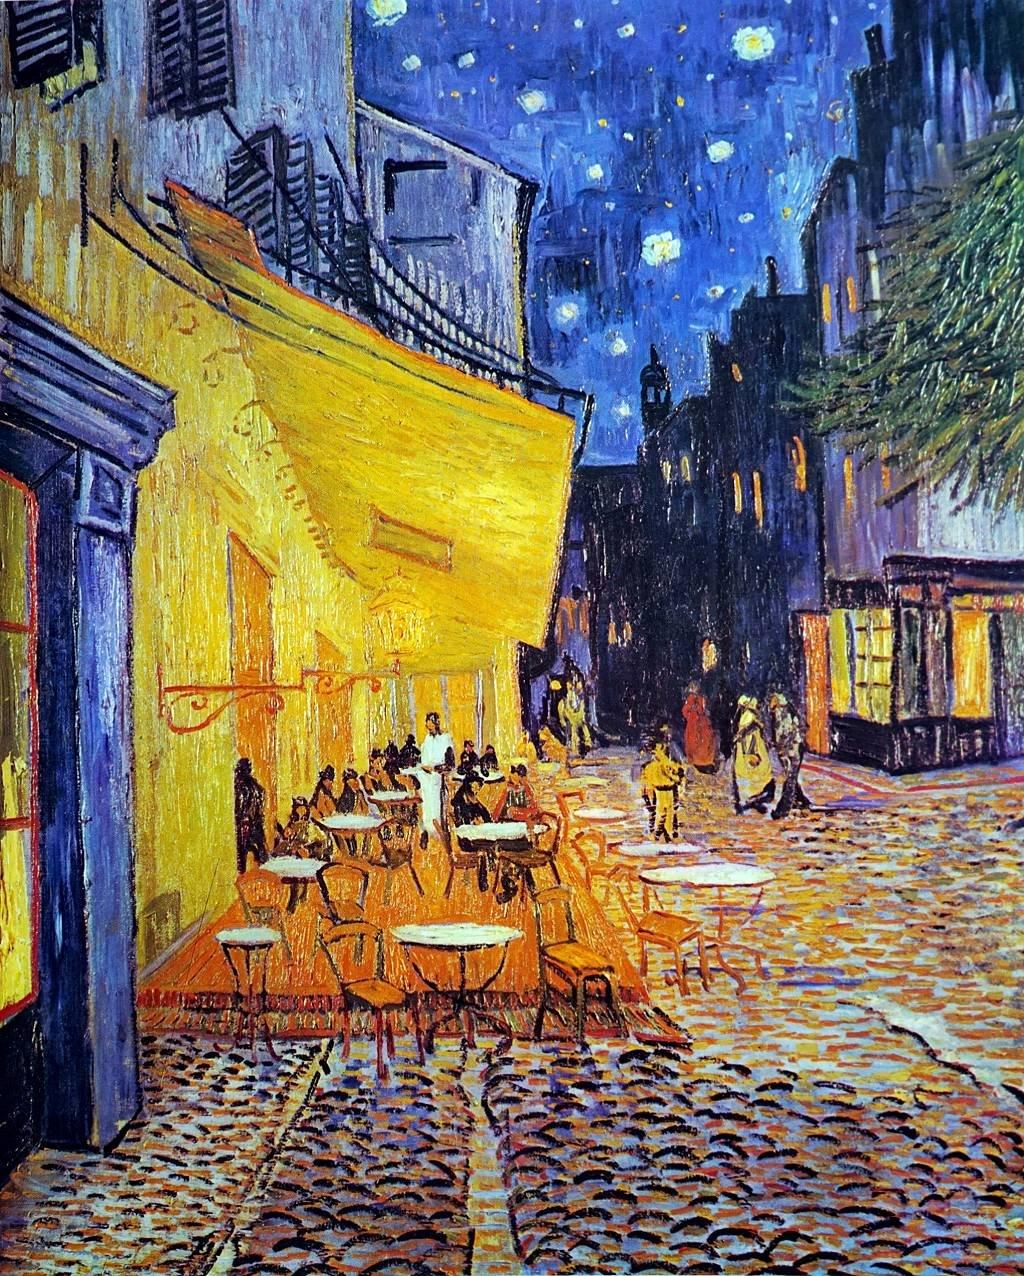 Terraza del café por la noche. Vincent van Gogh 1888.